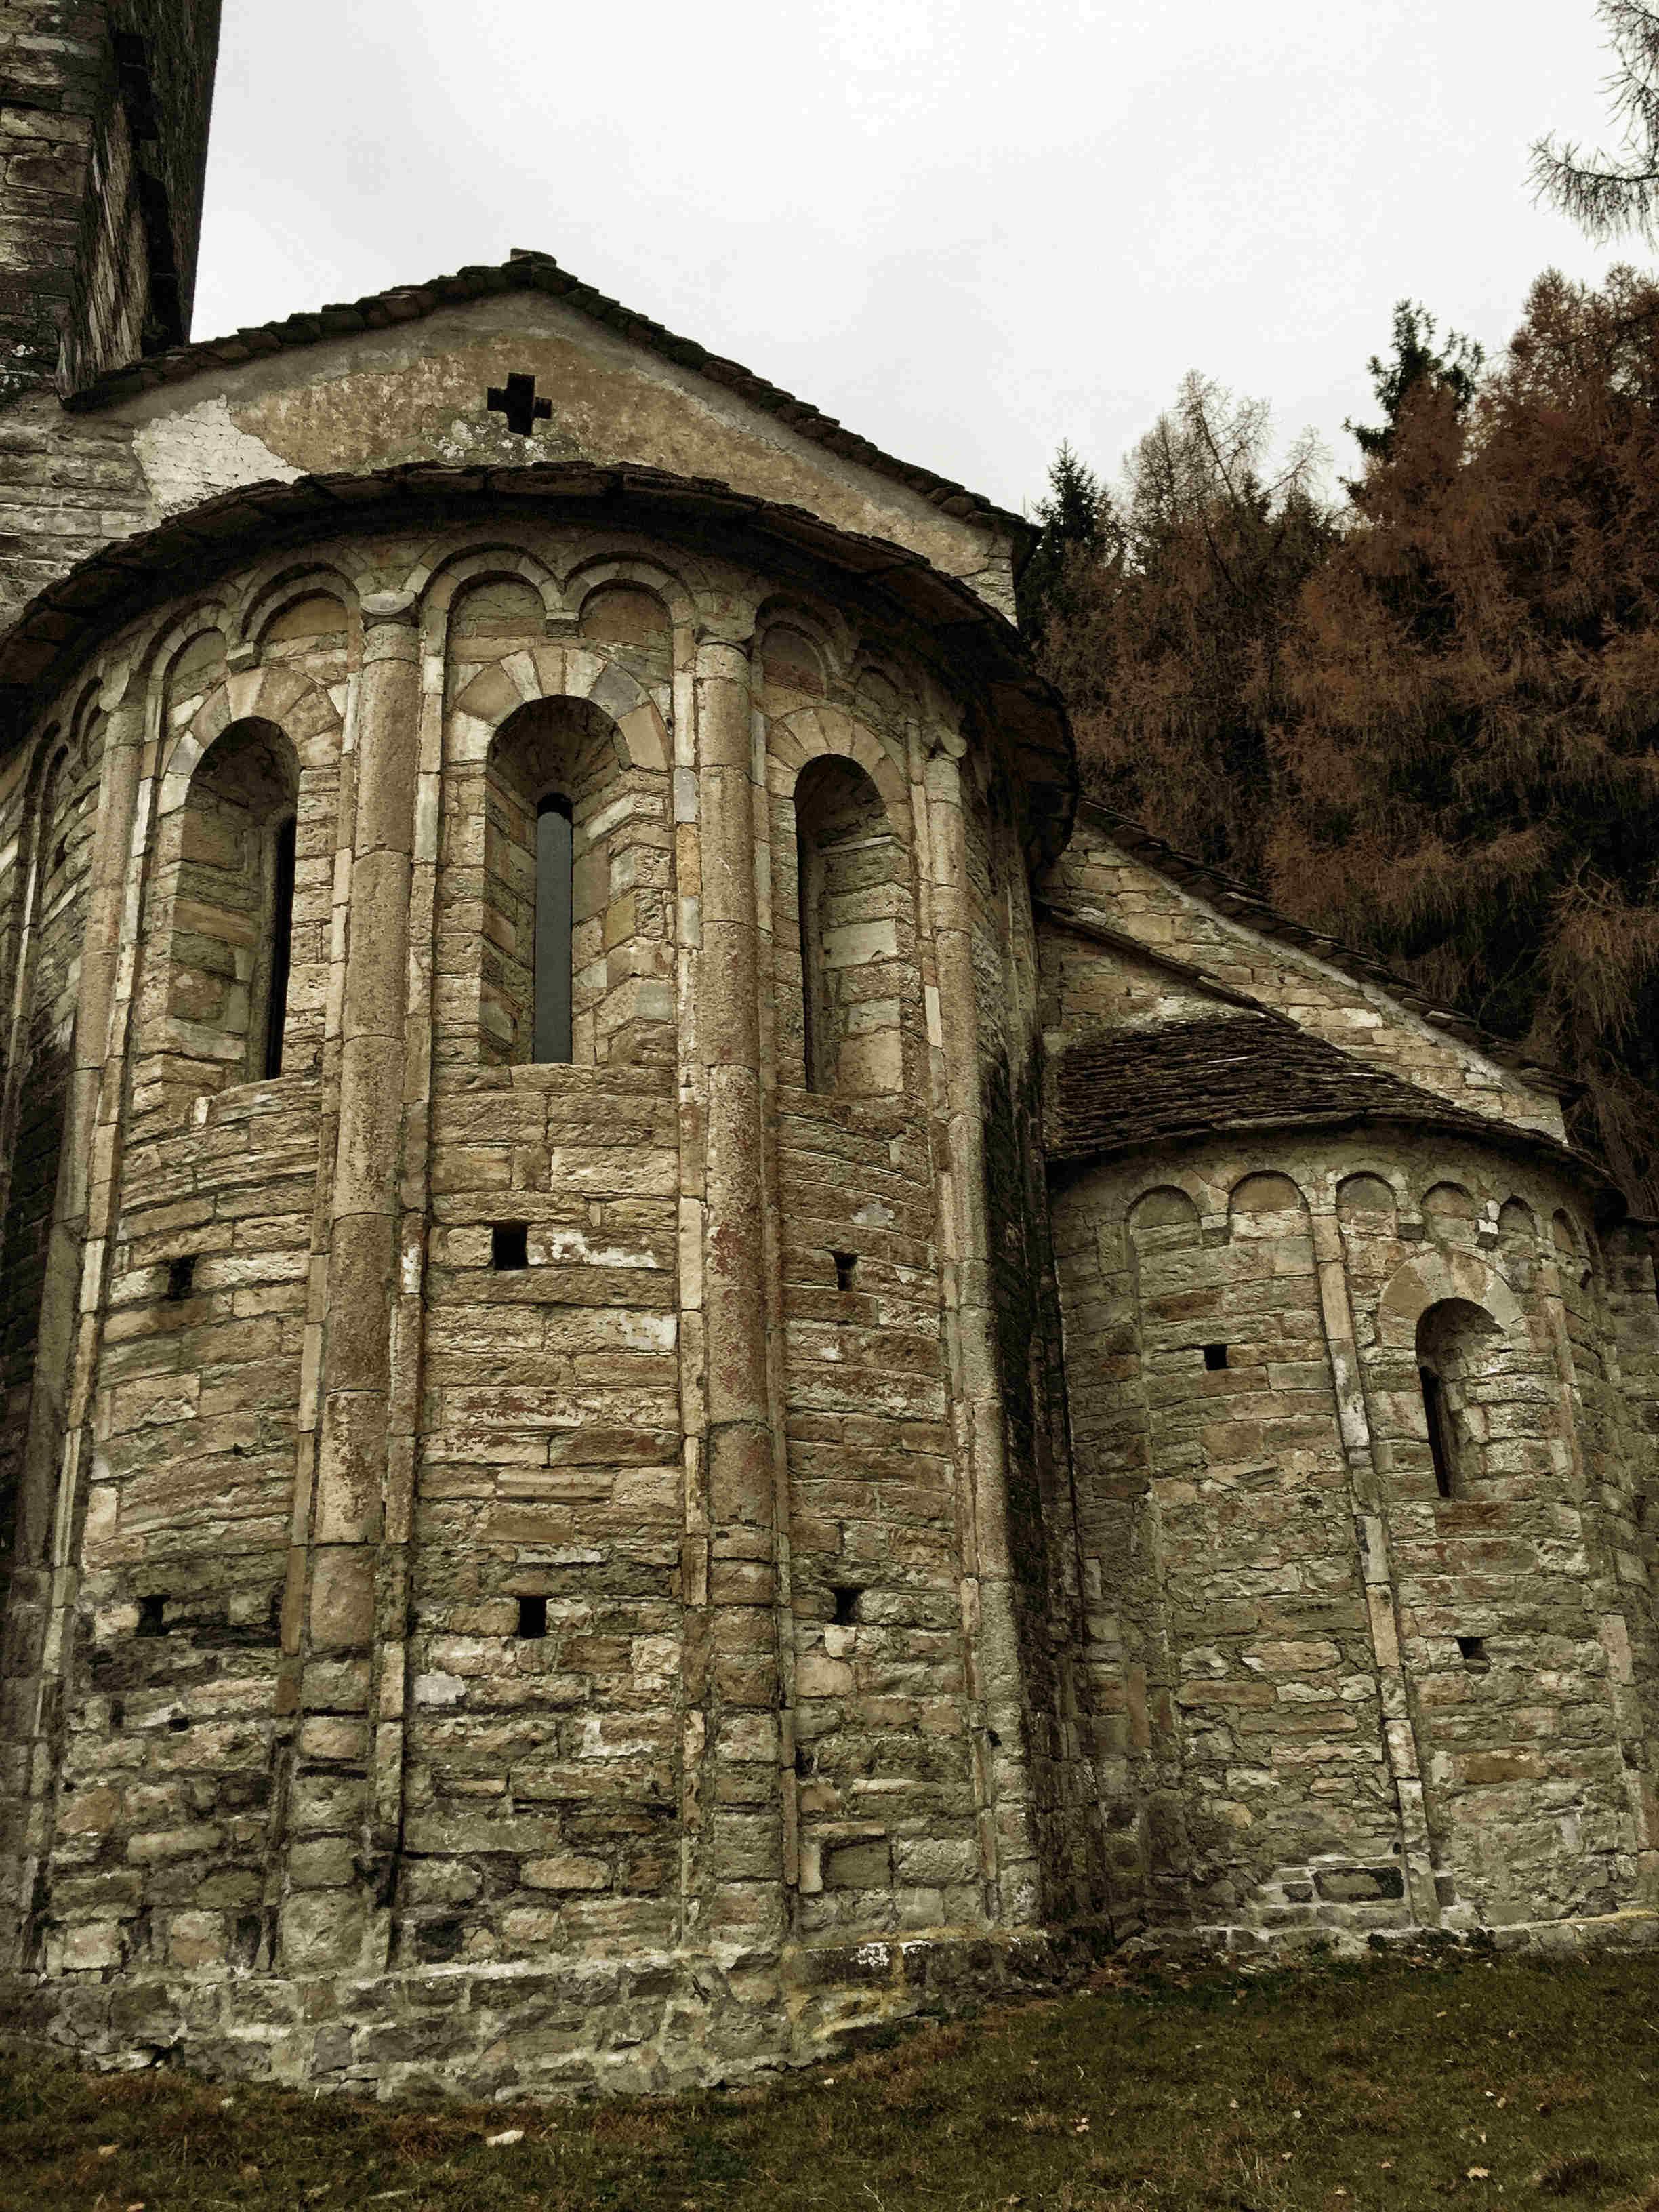 Wandertipps Comer See: Die Abtei von San Benedetto